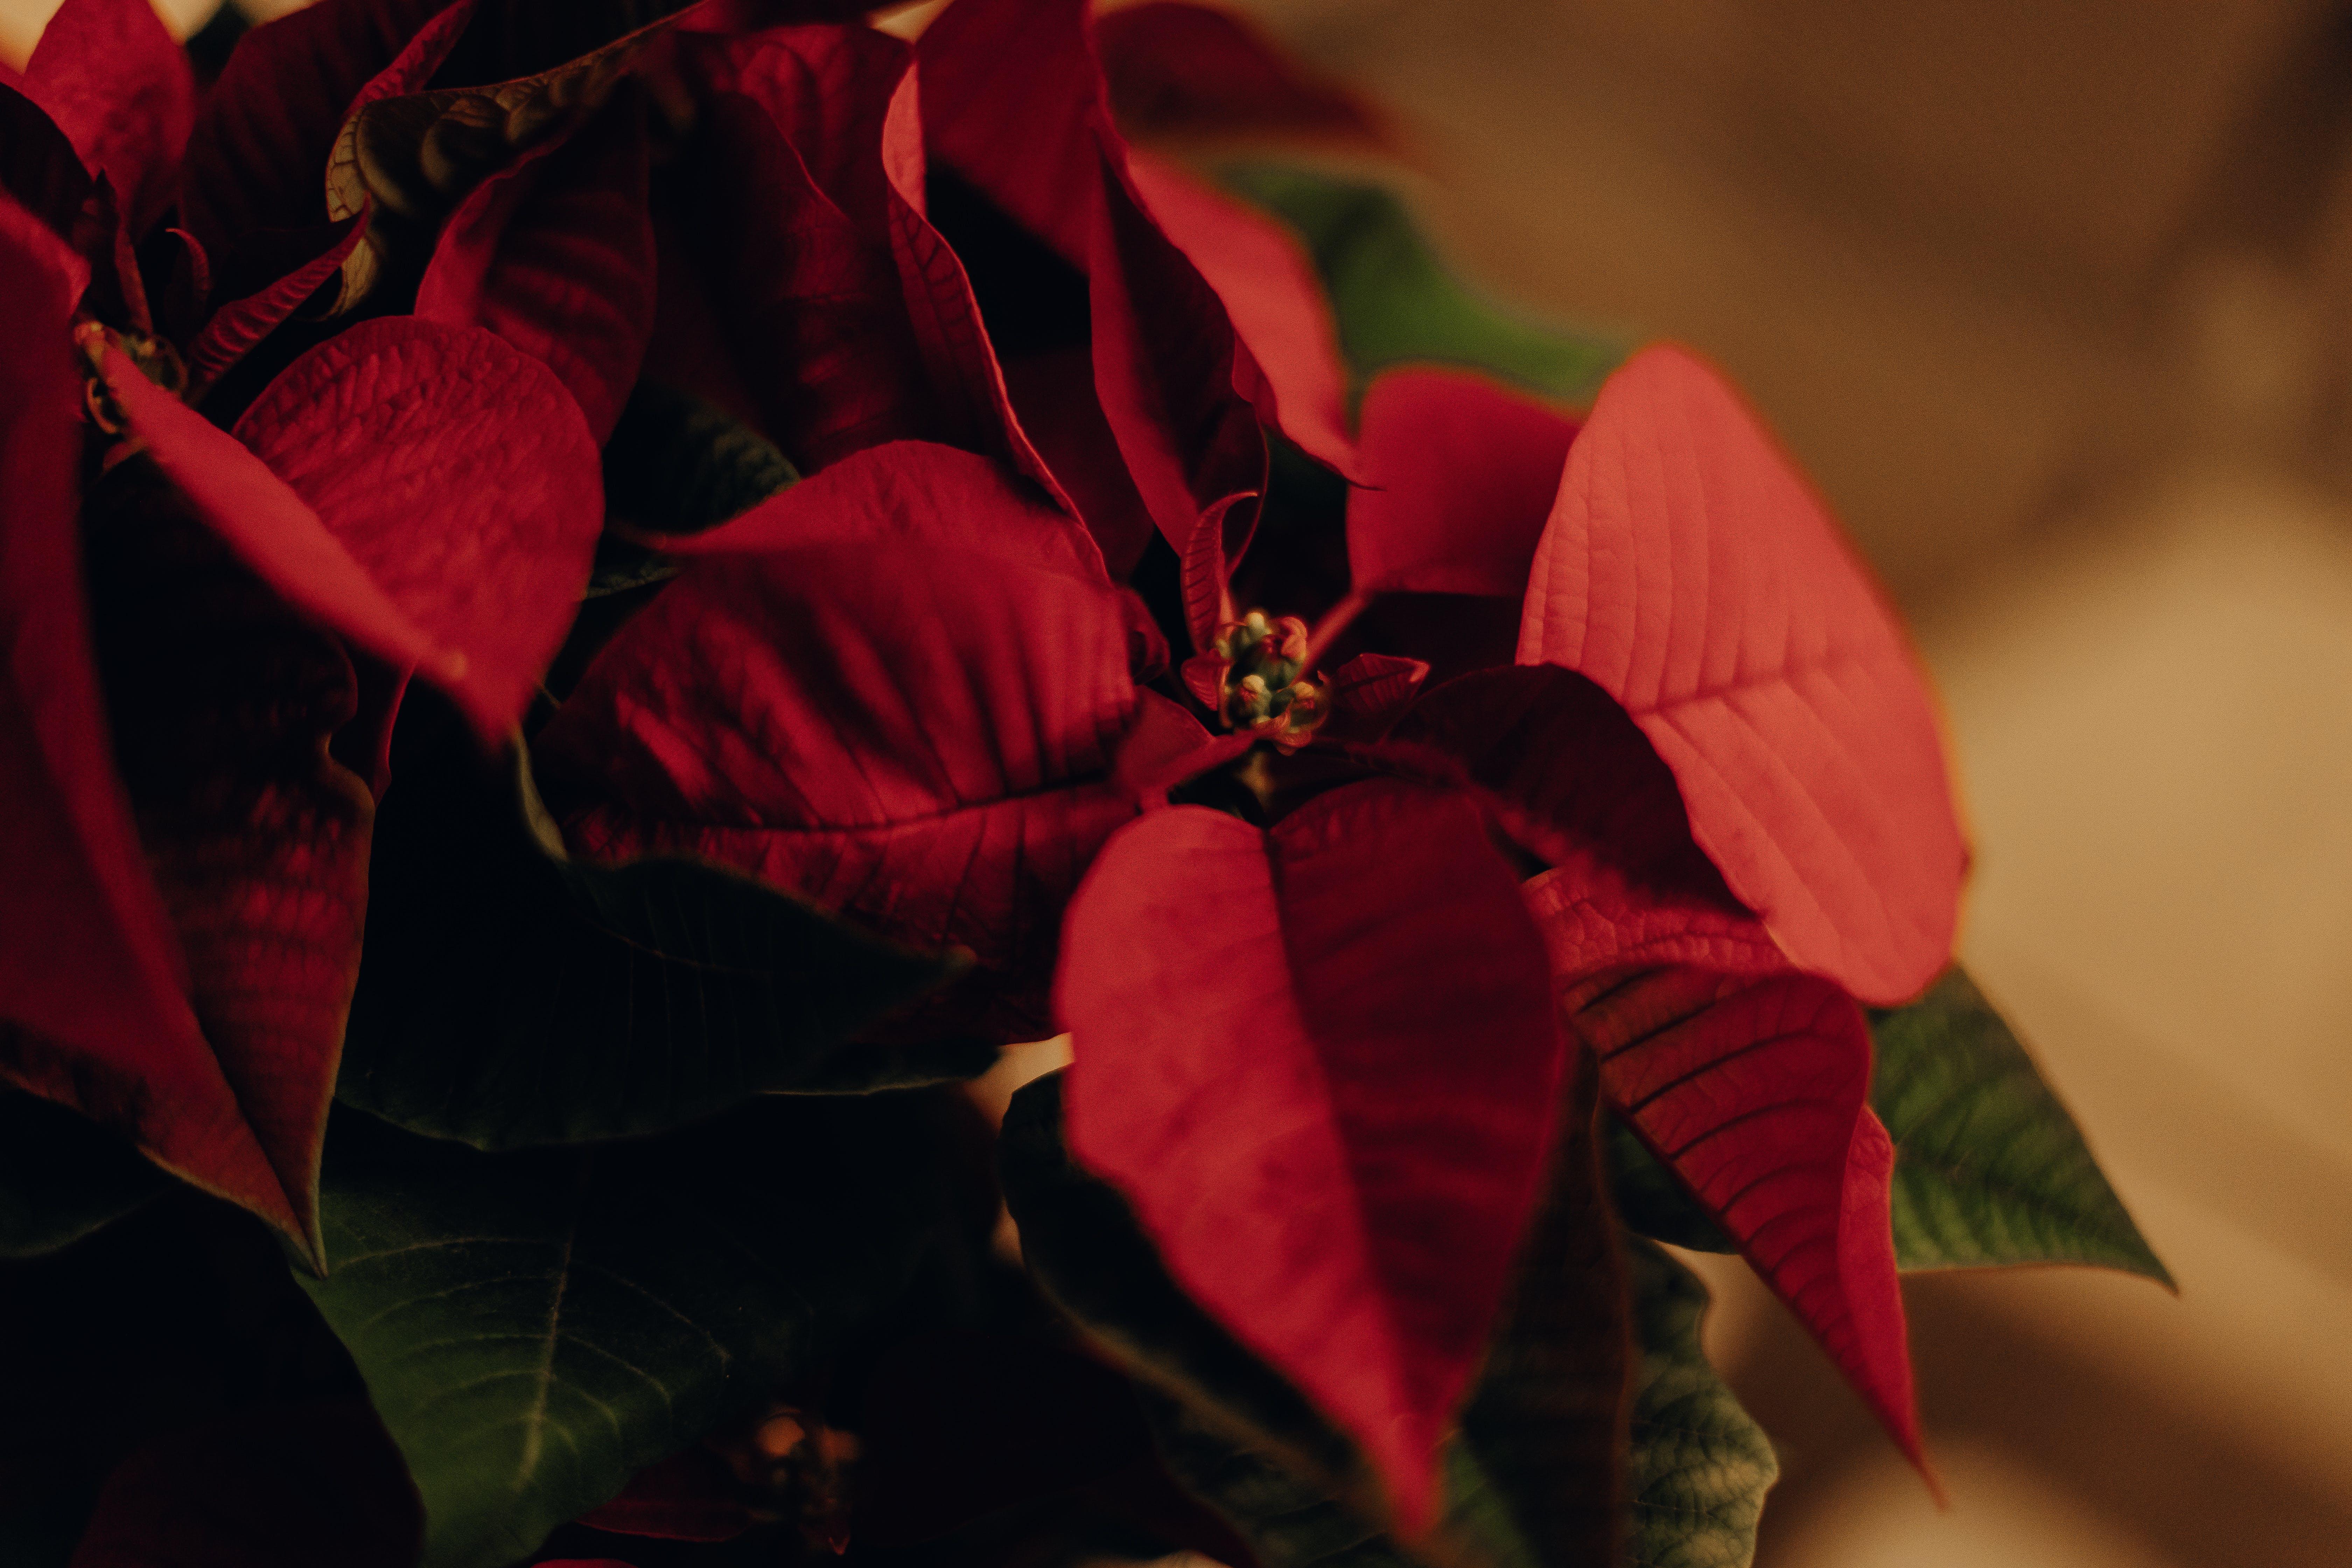 咲く, 緑, 背景をぼかした写真, 花の無料の写真素材